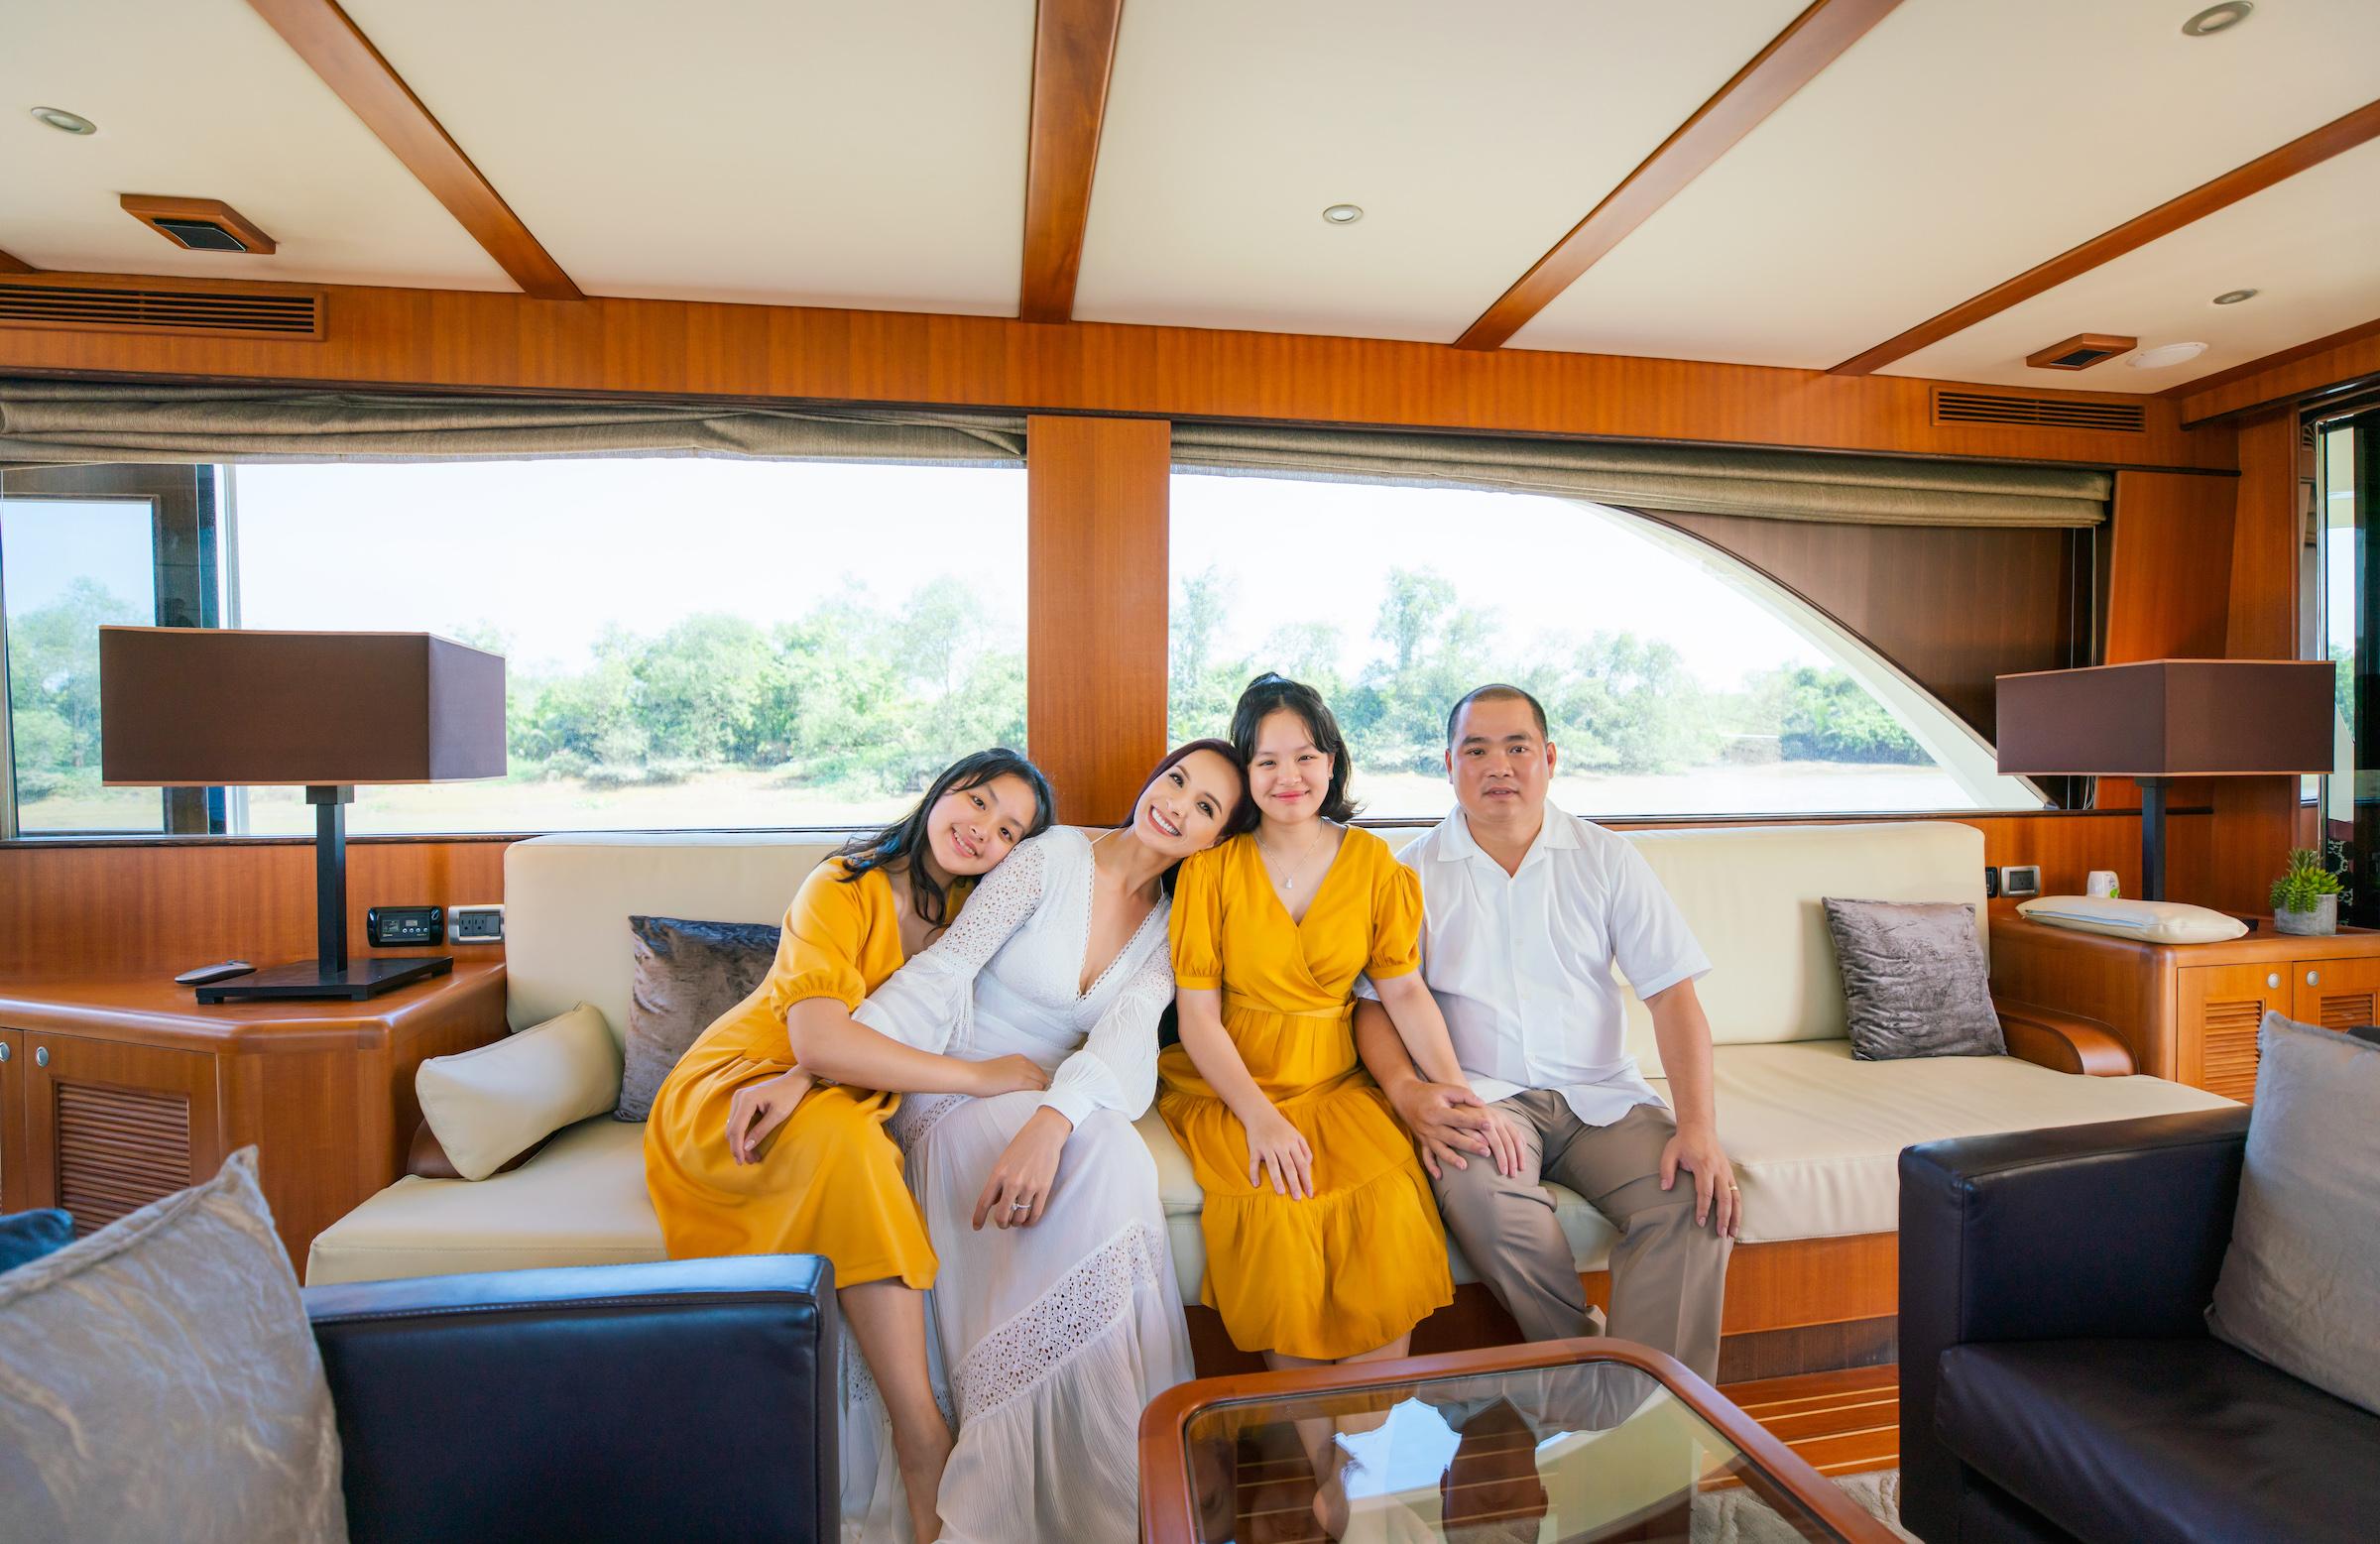 Vợ chồng Thúy Hạnh - Minh Khang cùng hai con gái trong chuyến trải nghiệm không gian sống tại đô thị sinh thái Aqua City.